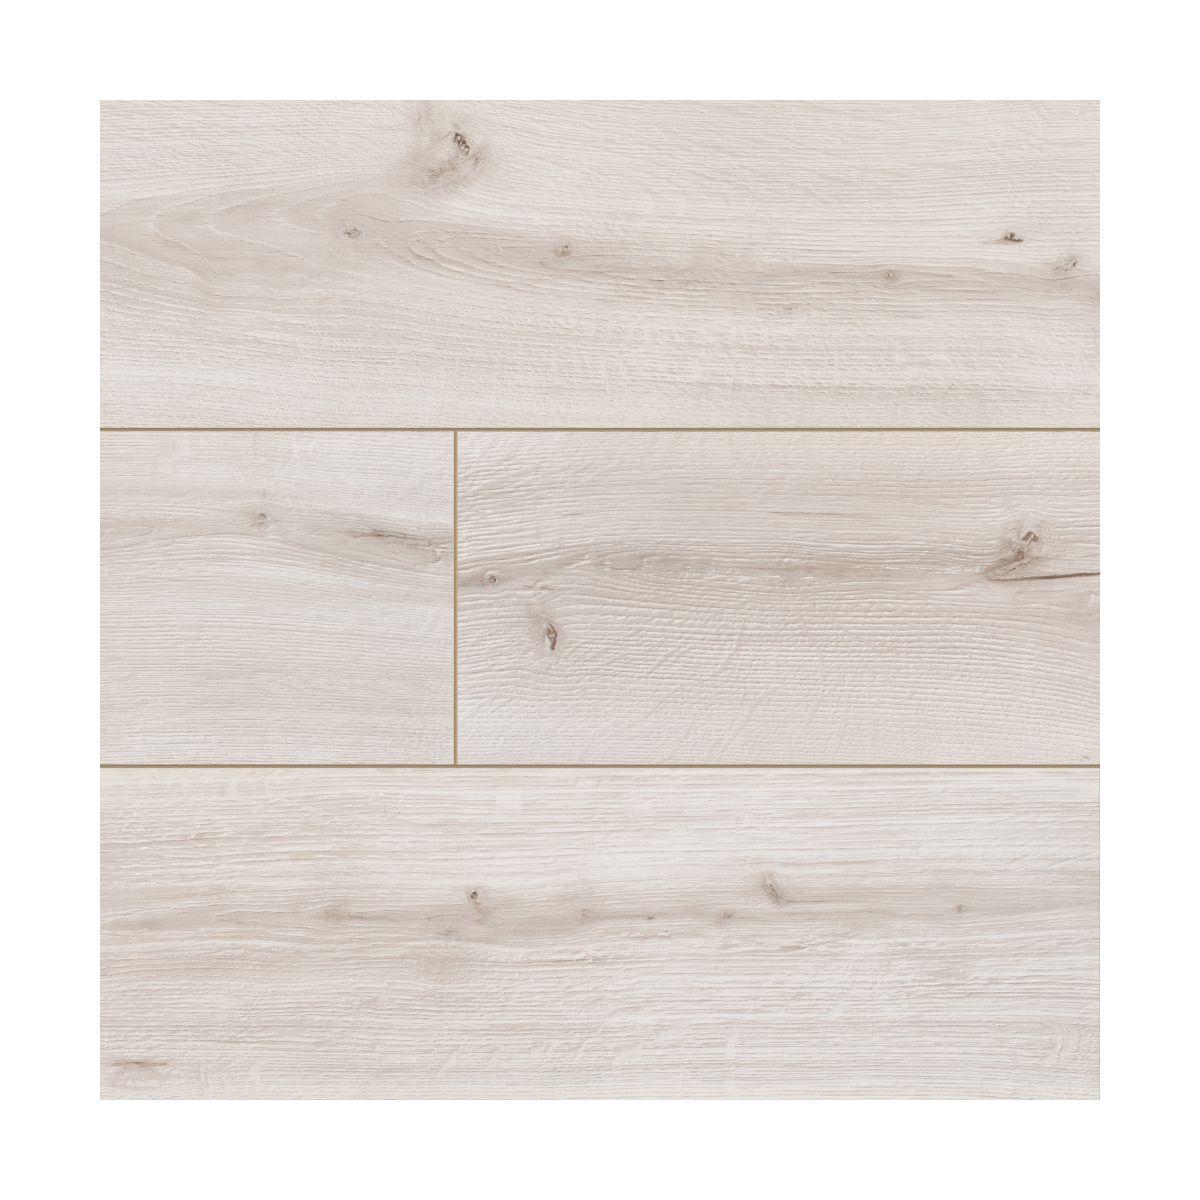 Panele Podlogowe Dab Marina Ac5 8 Mm Classen Panele Podlogowe Laminowane W Atrakcyjnej Cenie W Sklepach Leroy Merlin Flooring Hardwood Hardwood Floors